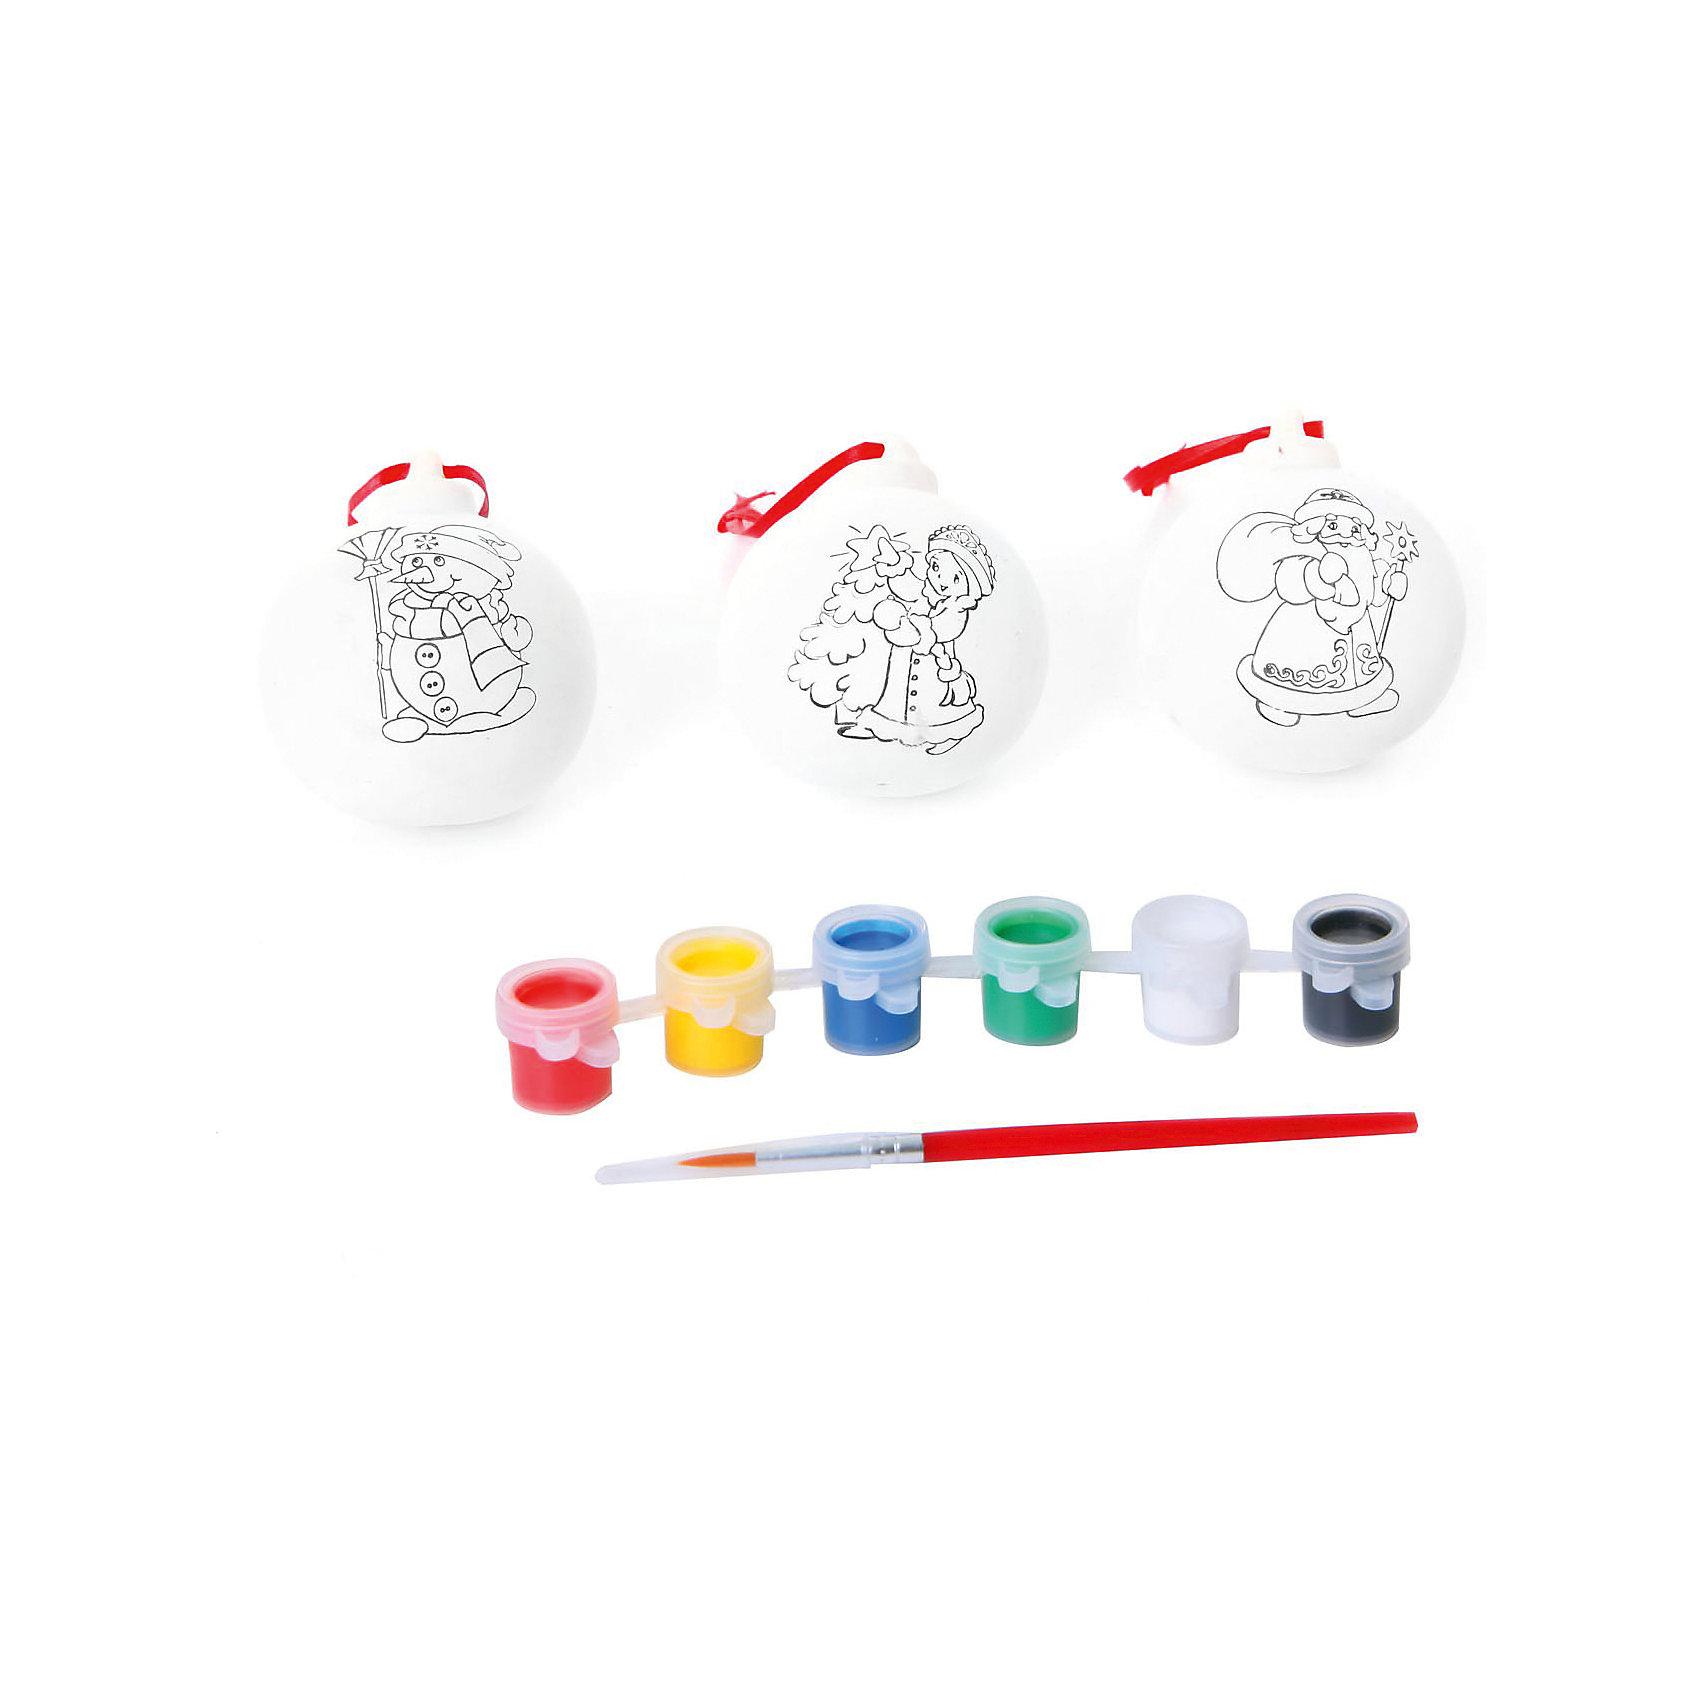 Набор для творчества 3 украшения с красками и кисточкой, BondibonНовогоднее творчество<br>Набор для творчества 3 украшения с красками и кисточкой, Bondibon (Бондибон).<br><br>Характеристики:<br><br>• Материал: керамика, краски, текстиль.<br>• Размеры упаковки: 27 х 22 х 6 см.<br>• В набор входит: <br>- 3 фигурки для раскрашивания, <br>- краски 6 цветов,<br>- кисточка, <br>- инструкция.<br><br>Создайте новогоднее настроение вместе со своими детьми! Набор «3 украшения» поможет вам провести творчески досуг и создаст праздничное настроение. Набор представляет собой керамические фигурки в виде 3 елочных шариков, которые нужно раскрасить различными цветами так, как вам подскажет фантазия. Раскрашивать изделия из керамики - очень интересно и увлекательно. Работа с таким набором помогает развить творческие способности, усидчивость, внимательность, самостоятельность, координацию движений.<br><br>Набор для творчества 3 украшения с красками и кисточкой, Bondibon (Бондибон), можно купить в нашем интернет – магазине.<br><br>Ширина мм: 245<br>Глубина мм: 75<br>Высота мм: 140<br>Вес г: 358<br>Возраст от месяцев: 60<br>Возраст до месяцев: 1188<br>Пол: Унисекс<br>Возраст: Детский<br>SKU: 5124531